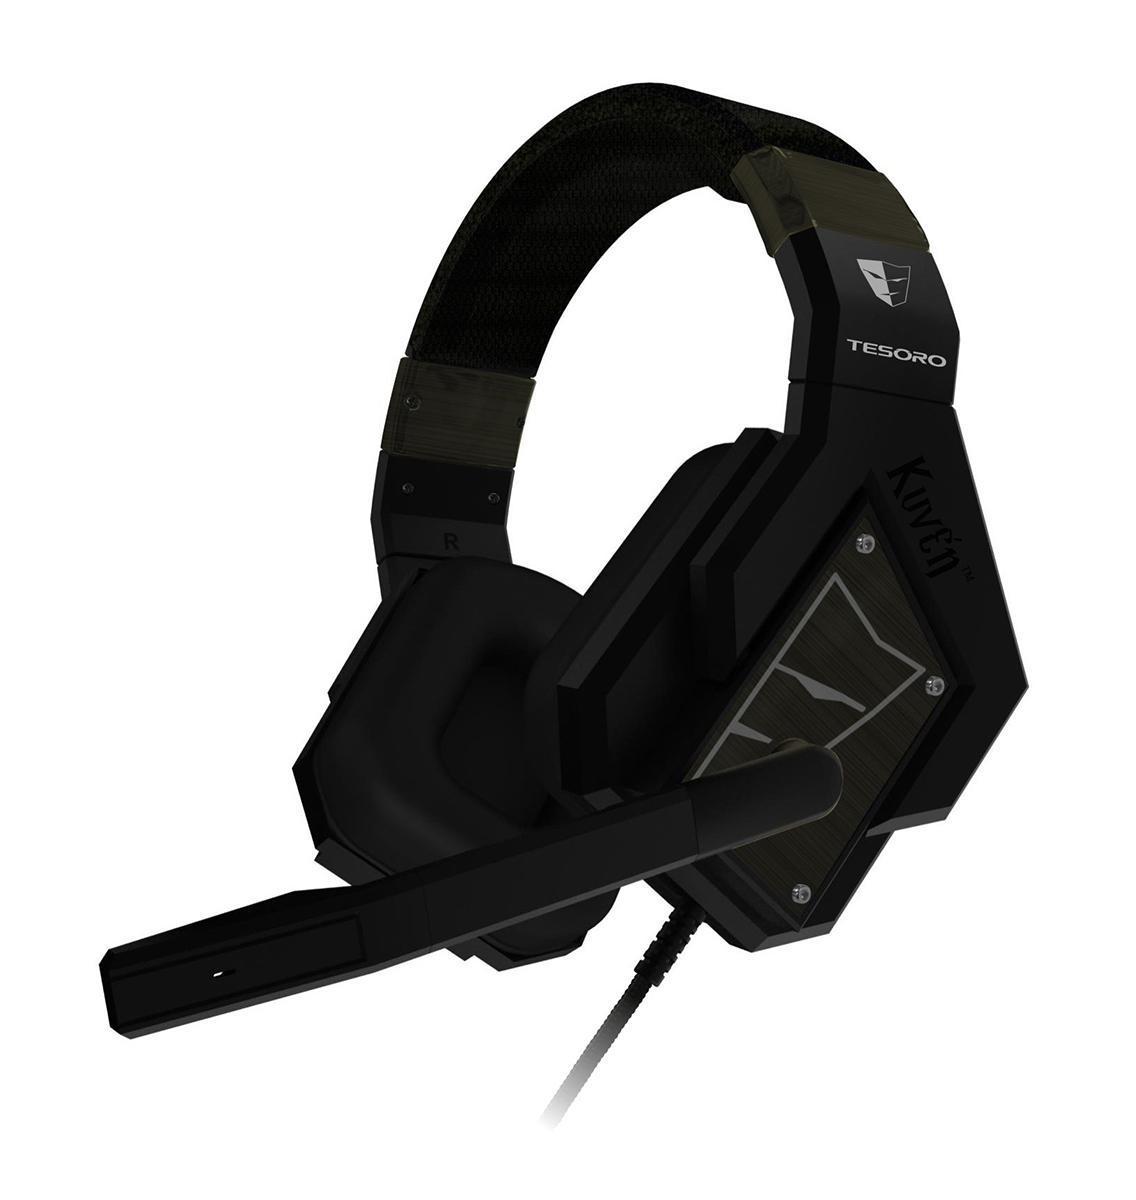 Tesoro Kuven 7.1 Devil TS-A1, Black проводная гарнитураKuven 7.1 Devil TS-A1 BlackПрофессиональная игровая гарнитура Tesoro Kuven 7.1 - это результат долгих исследований геймерских пристрастий и требований. Они совмещают в себе всё необходимое: виртуализированный звук 7.1, мощные 50-мм динамики, закрытые чашки со съёмными шумопоглощающими амбушюрами, контроллер звука, высококачественный микрофон и стильный внешний вид. Данная модель обладает чистейшим звучанием и обеспечивают превосходную слышимость во время игры. Благодаря продвинутой технологии виртуализации объёмного звука, вы сможете быть готовым к столкновению с самым осторожным противником, потому что будете слышать его задолго до того, как он сможет вас увидеть. Благодаря виртуализированному звуку 7.1 вы сможете точно определять местоположение ваших противников и составлять наиболее полную картину боя. 50-мм динамики обеспечивают мощное, чистое звучание, благодаря которому погружение в игру будет максимально глубоким. Закрытый тип наушников и плотные амбушюры позволят...